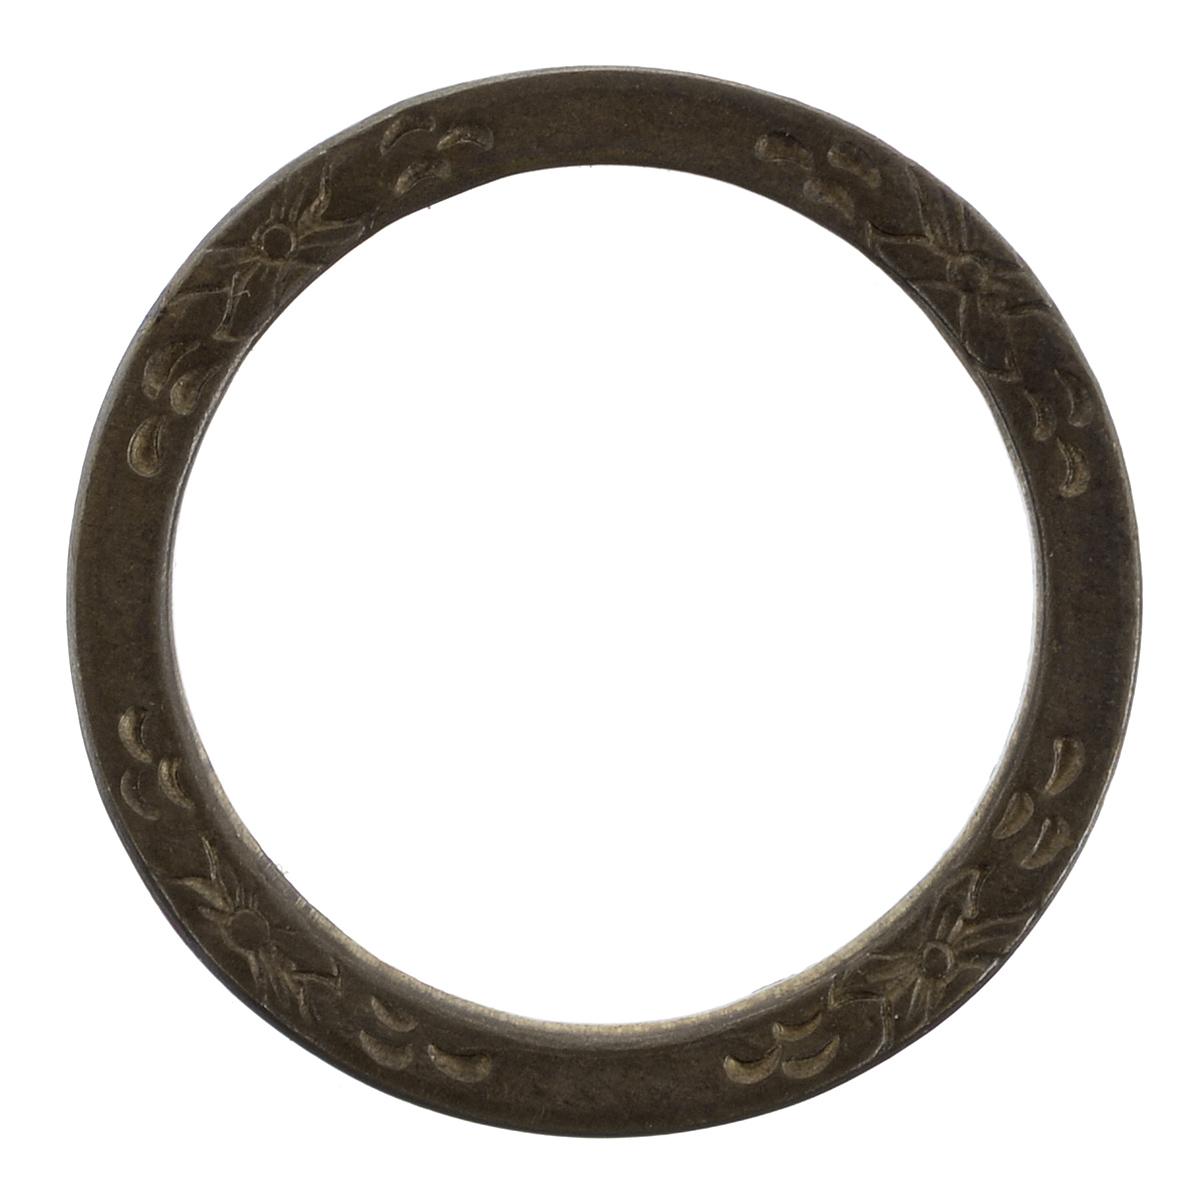 Декоративный элемент Vintaj Колечко бесконечный сад, диаметр 25 ммDR20RRДекоративный элемент Vintaj Колечко бесконечный сад изготовлен из металла в виде кольца и предназначен для декорирования в различных техниках. С их помощью вы сможете украсить альбом, одежду, подарок и другие предметы ручной работы. Скрапбукинг - это хобби, которое способно приносить массу приятных эмоций не только человеку, который этим занимается, но и его близким, друзьям, родным. Это невероятно увлекательное занятие, которое поможет вам сохранить наиболее памятные и яркие моменты вашей жизни, а также интересно оформить интерьер дома. Диаметр элемента: 25 мм.